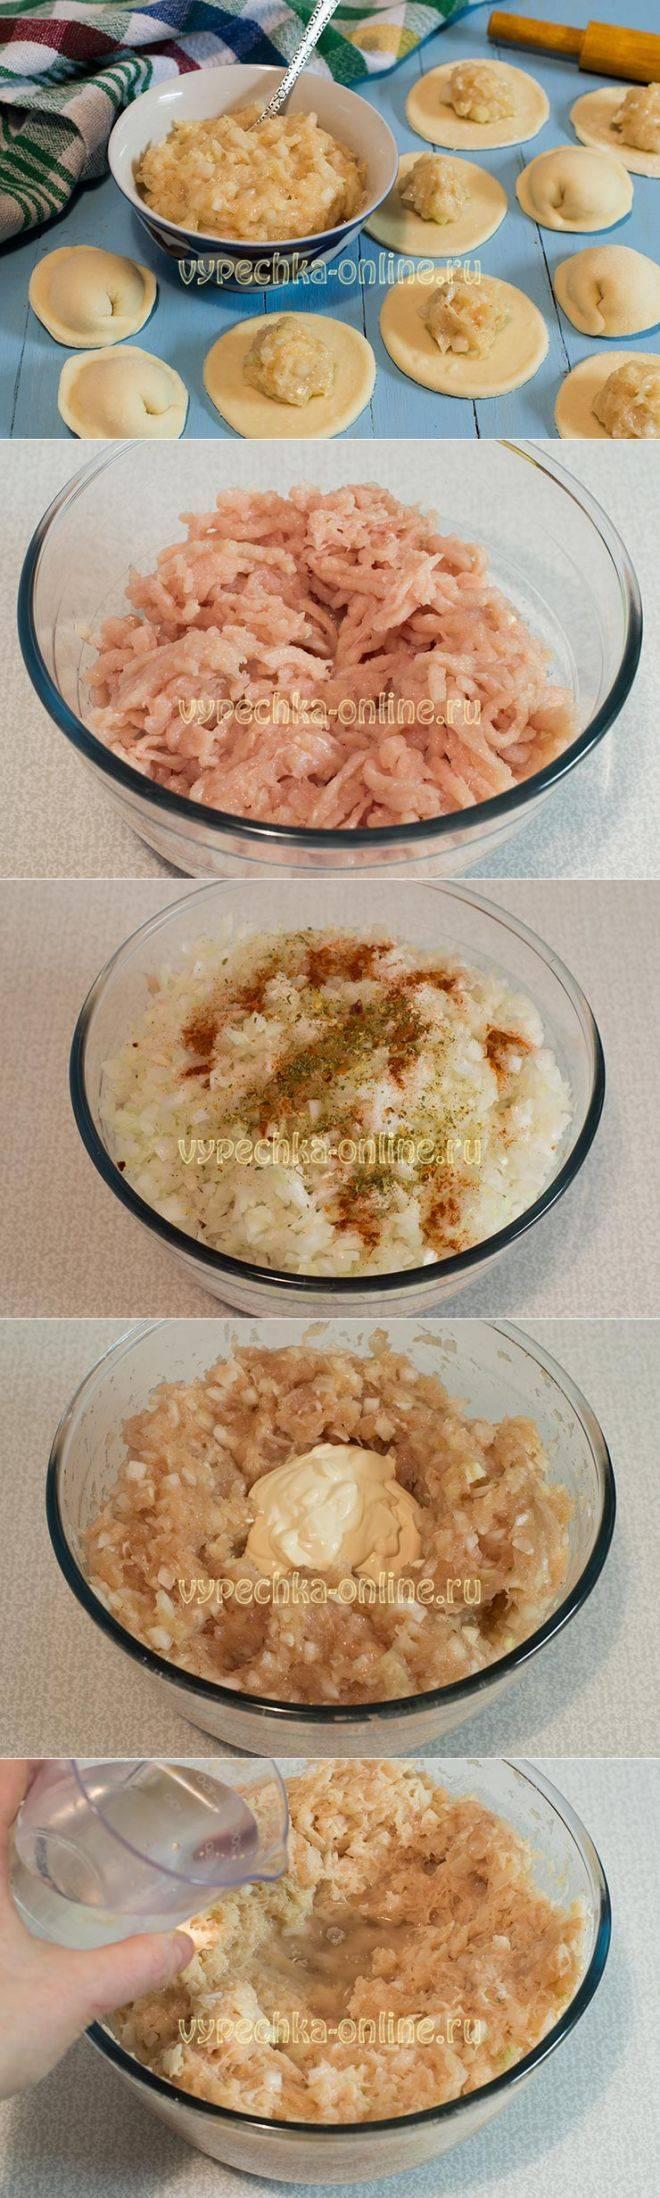 Сочные котлеты из щуки рецепт с фото - 1000.menu